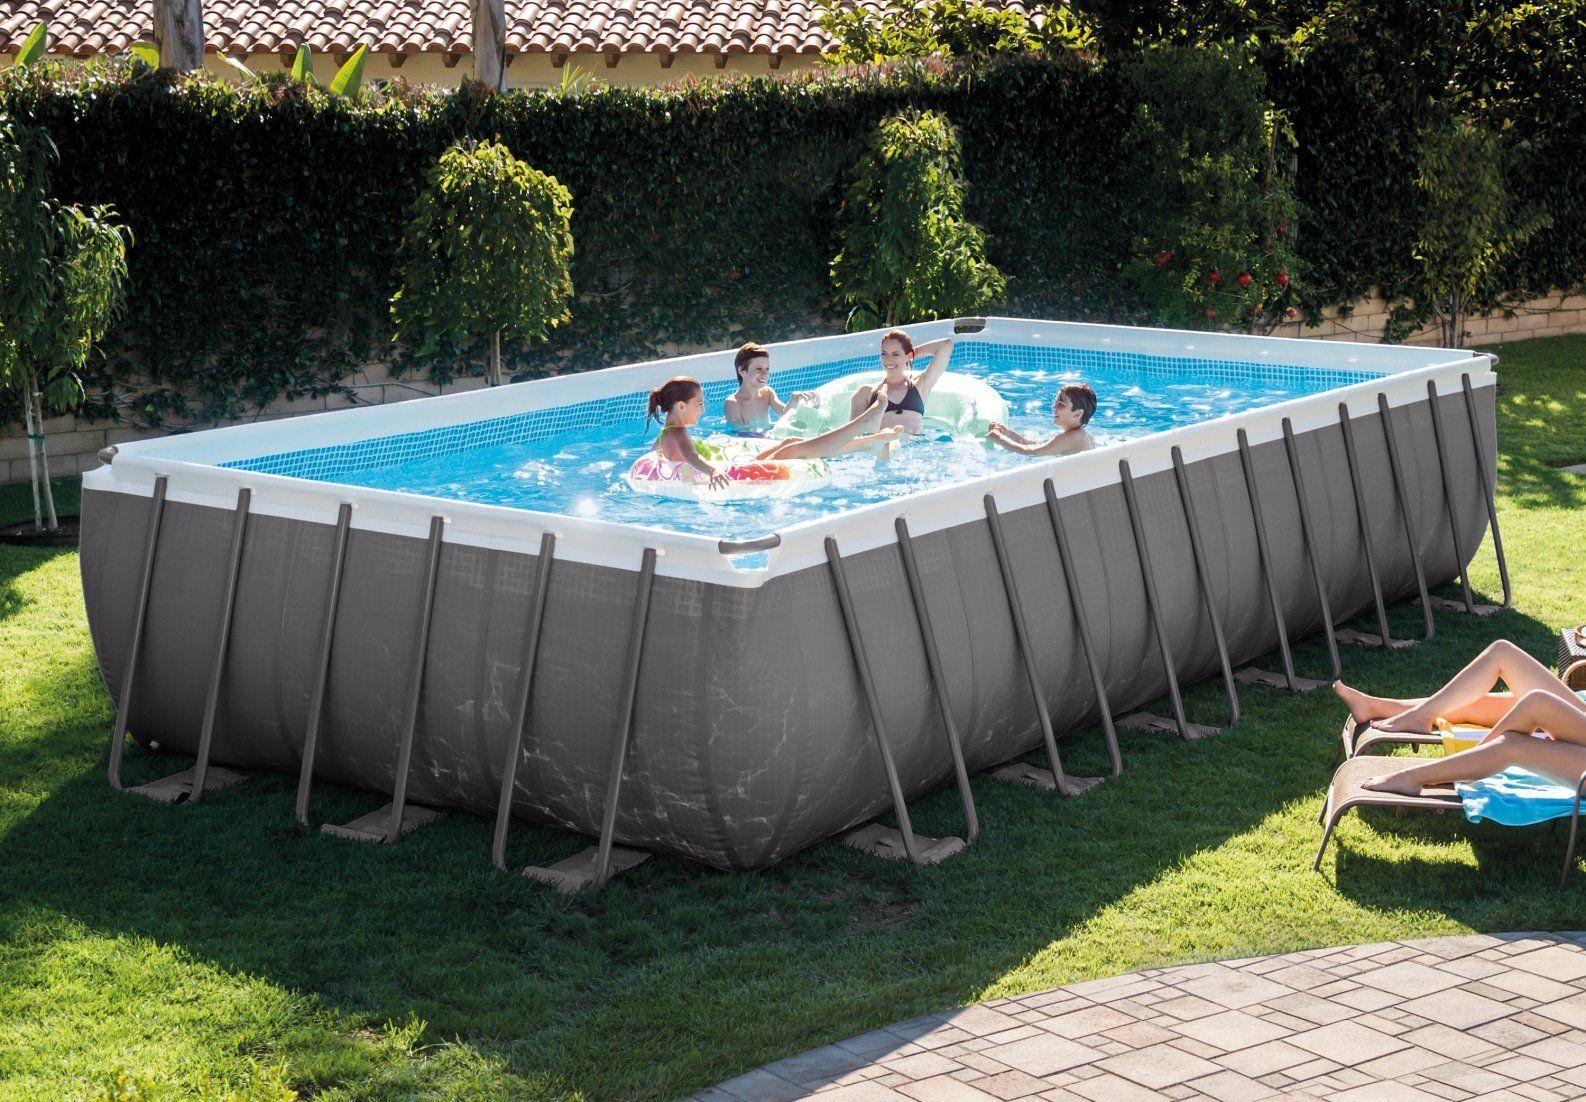 Piscine Interrate Prezzi Tutto Compreso piscine intex 2020: le 6 migliori piscinette e piscine fuori